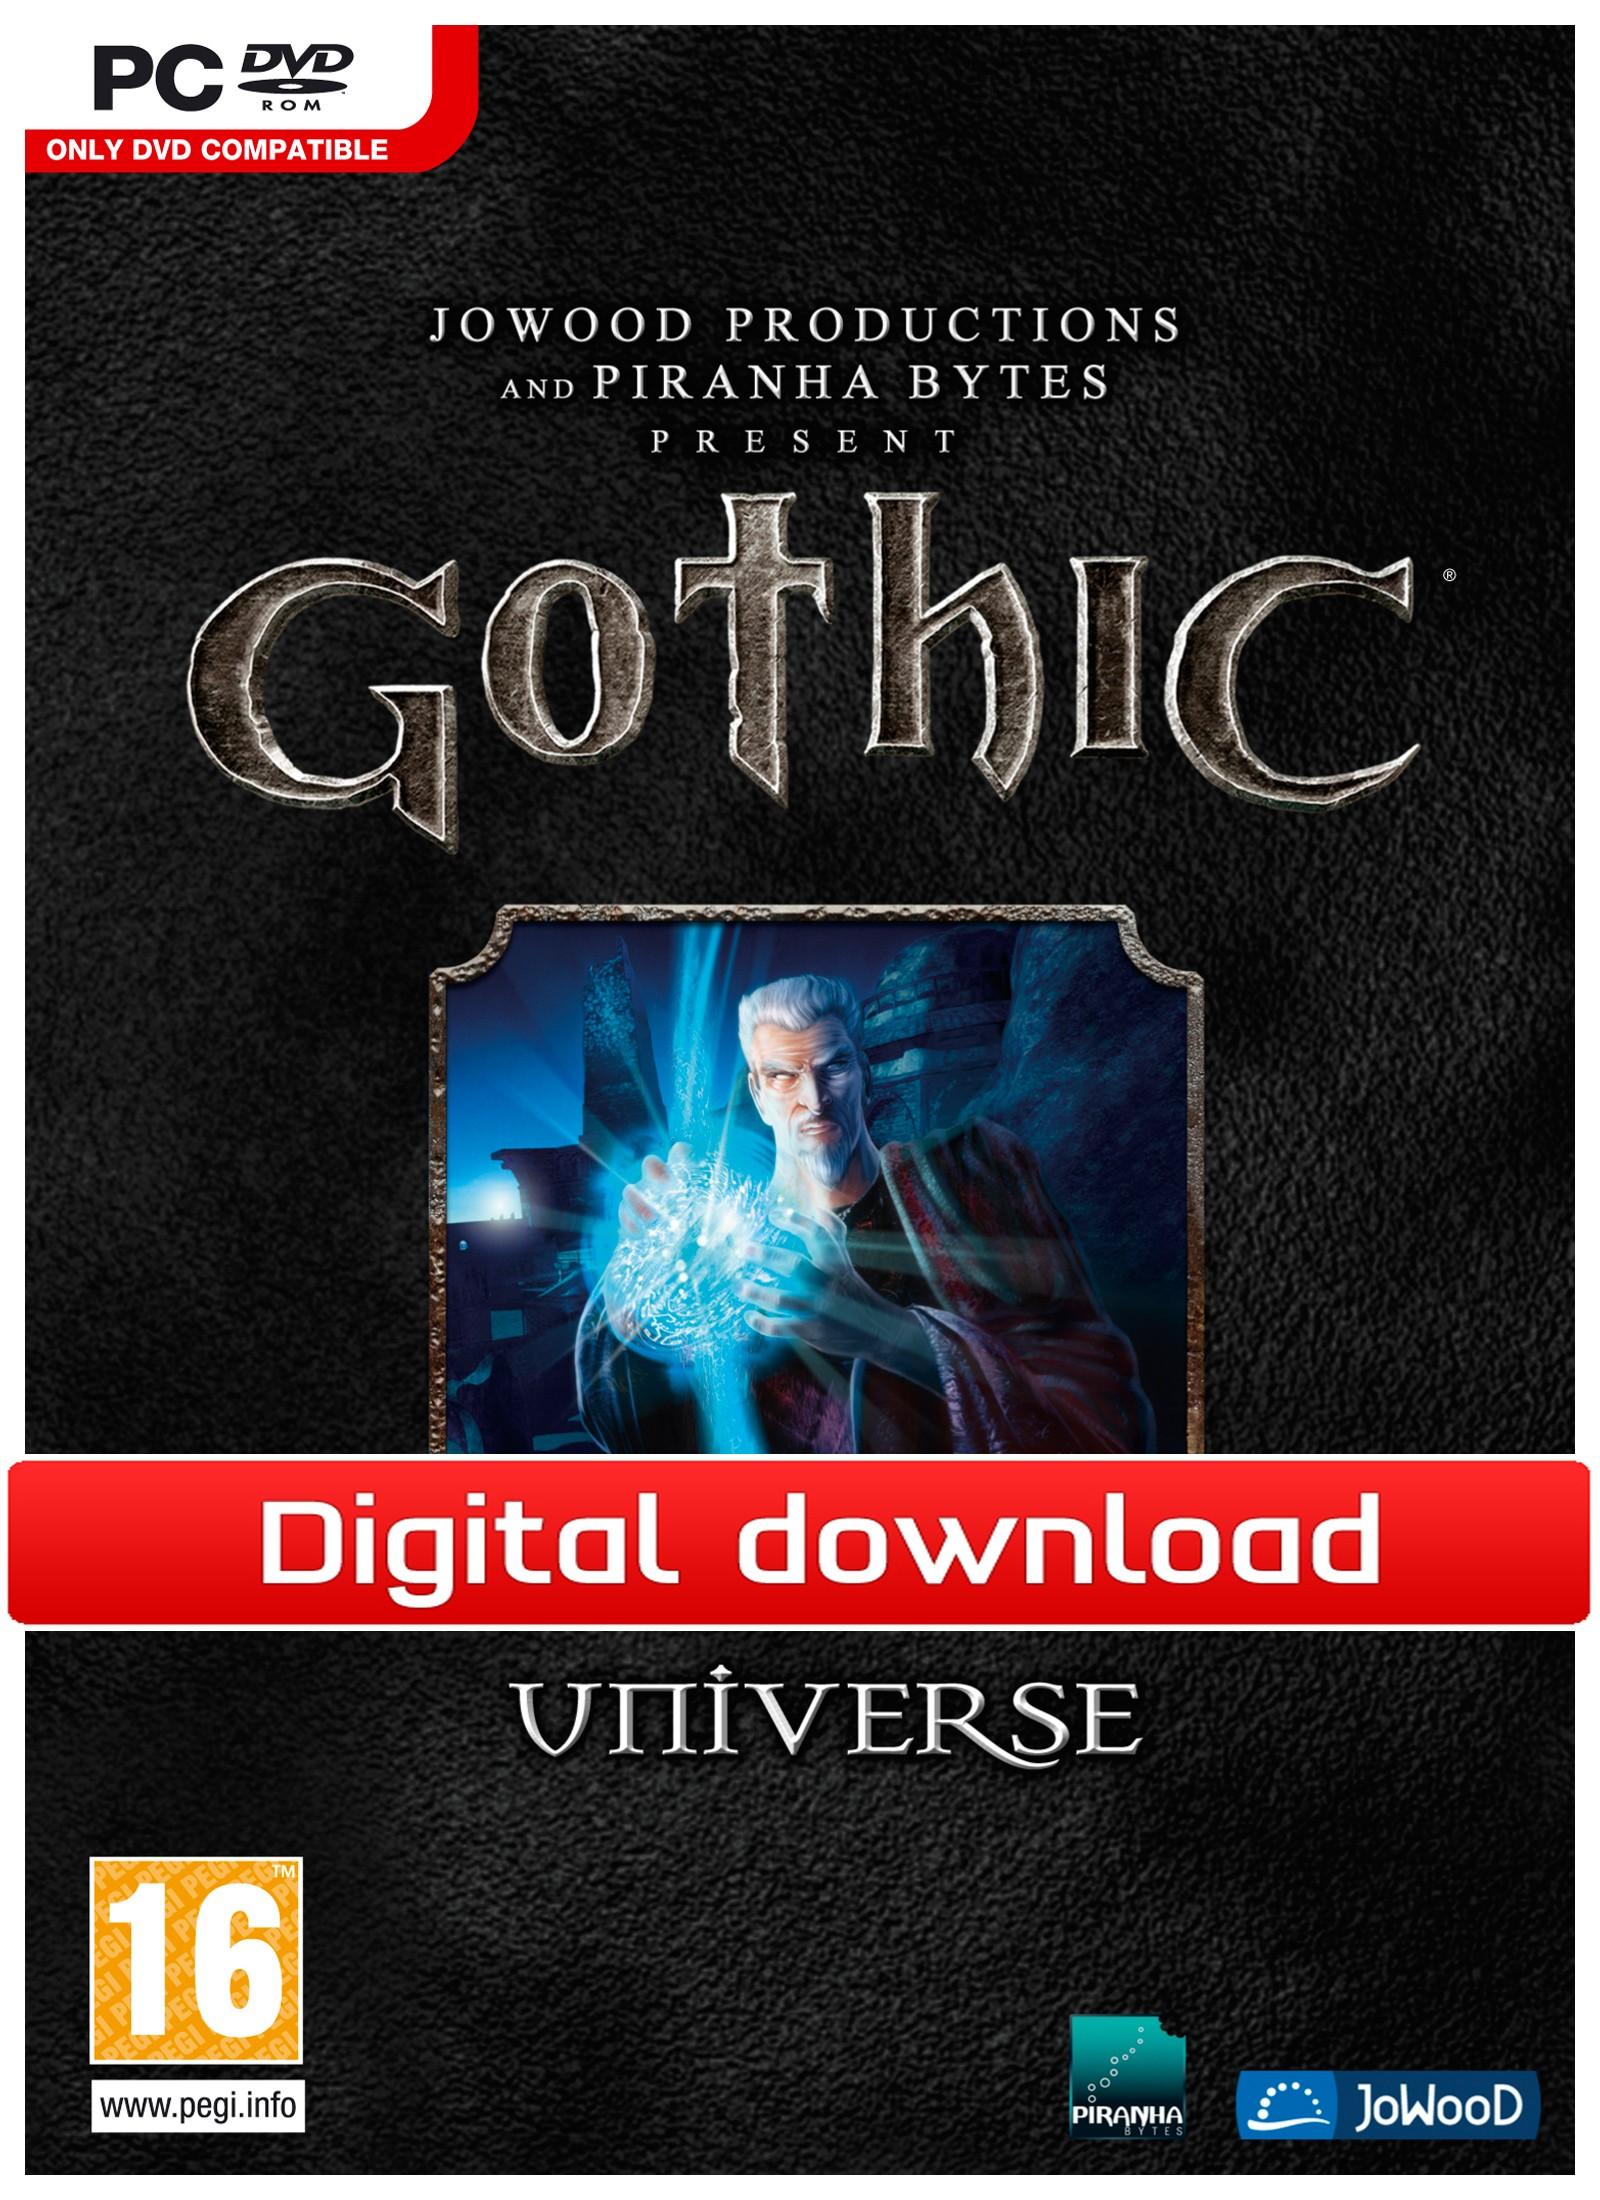 Gothic Universe (PC nedlastning) PCDD34816